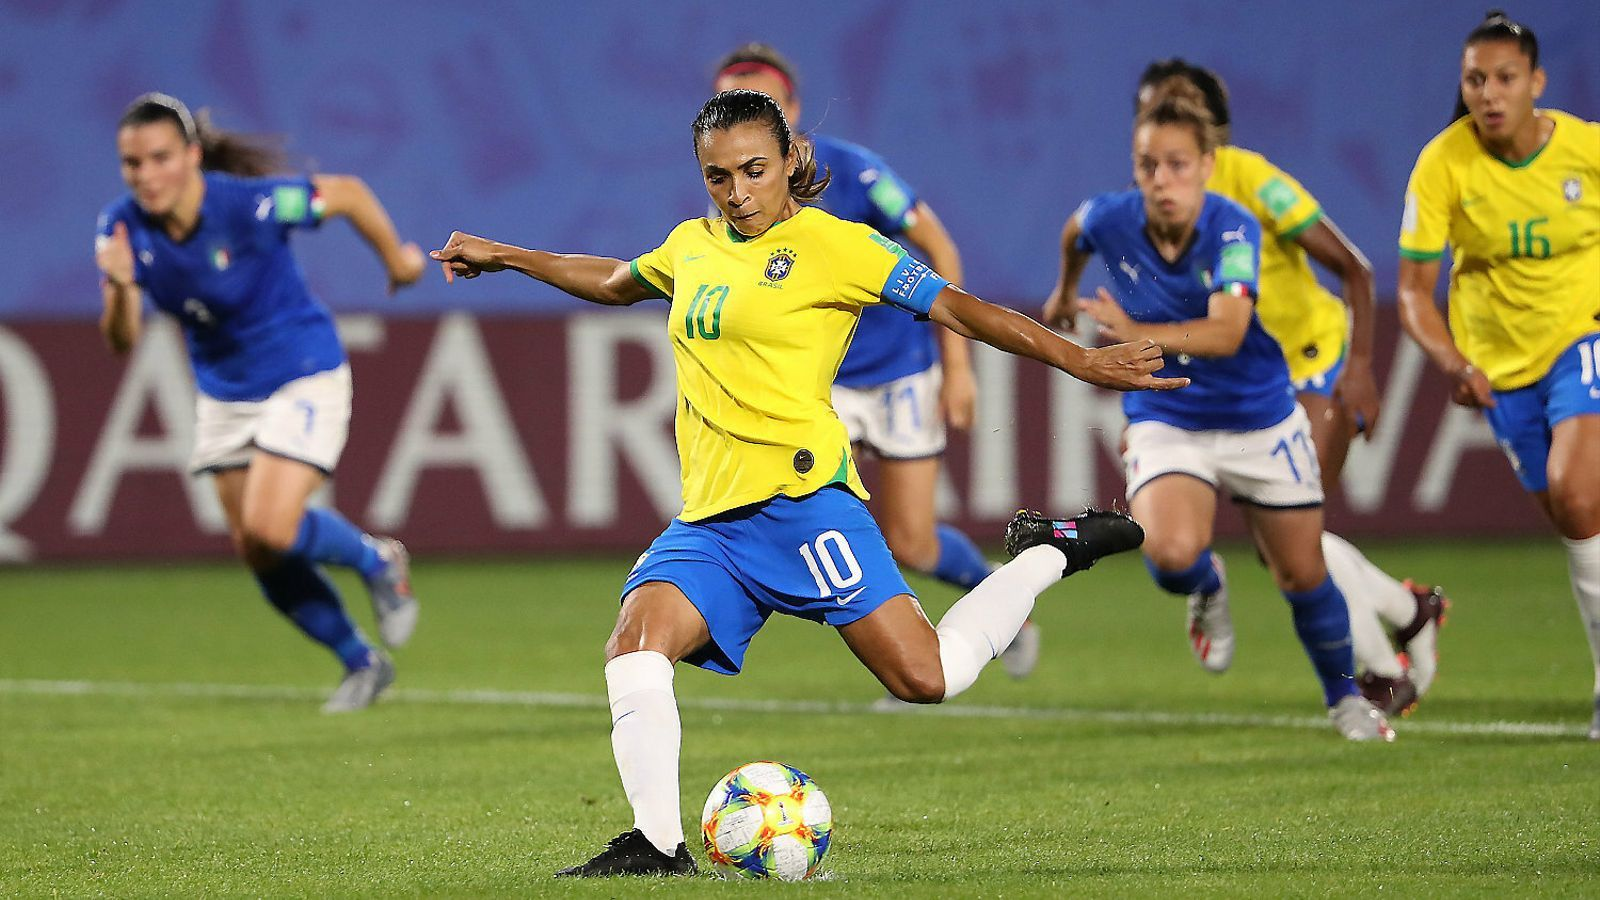 Marta és la màxima golejadora dels Mundials amb 17 gols en cinc edicions.